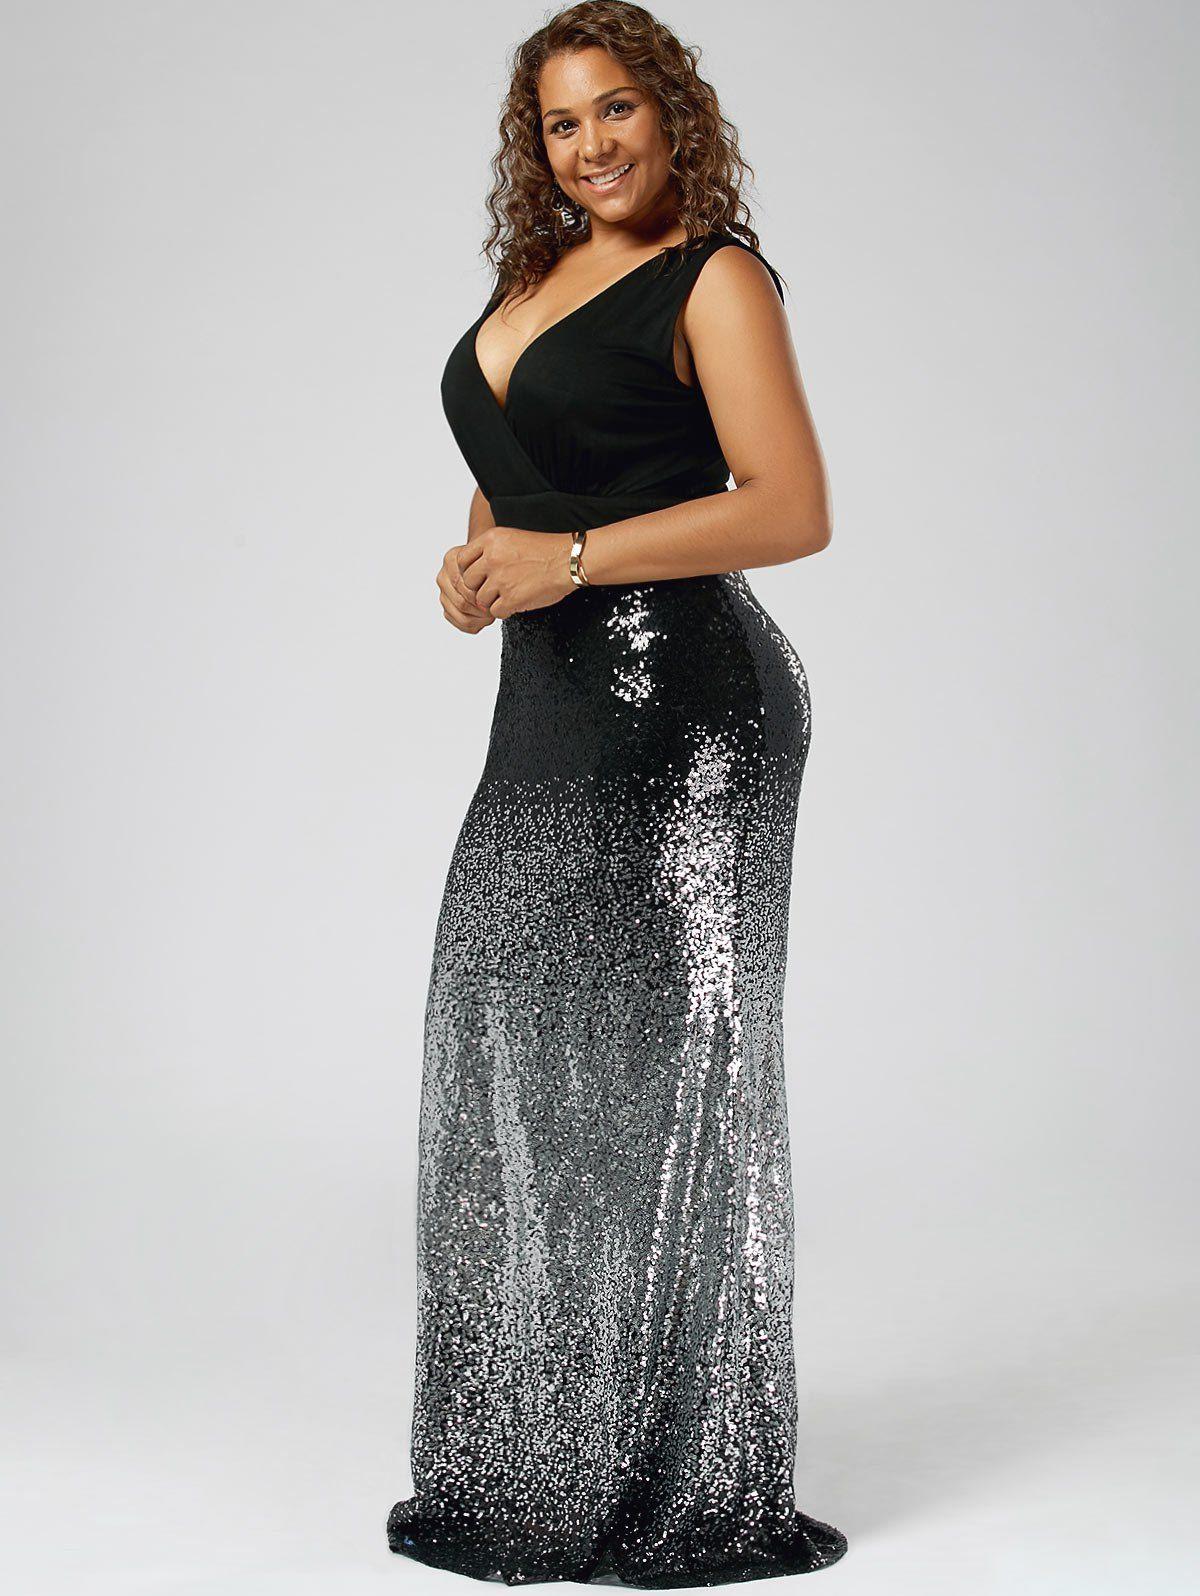 35d0716af14 Plus Size Maxi Fishtail Dress In Black